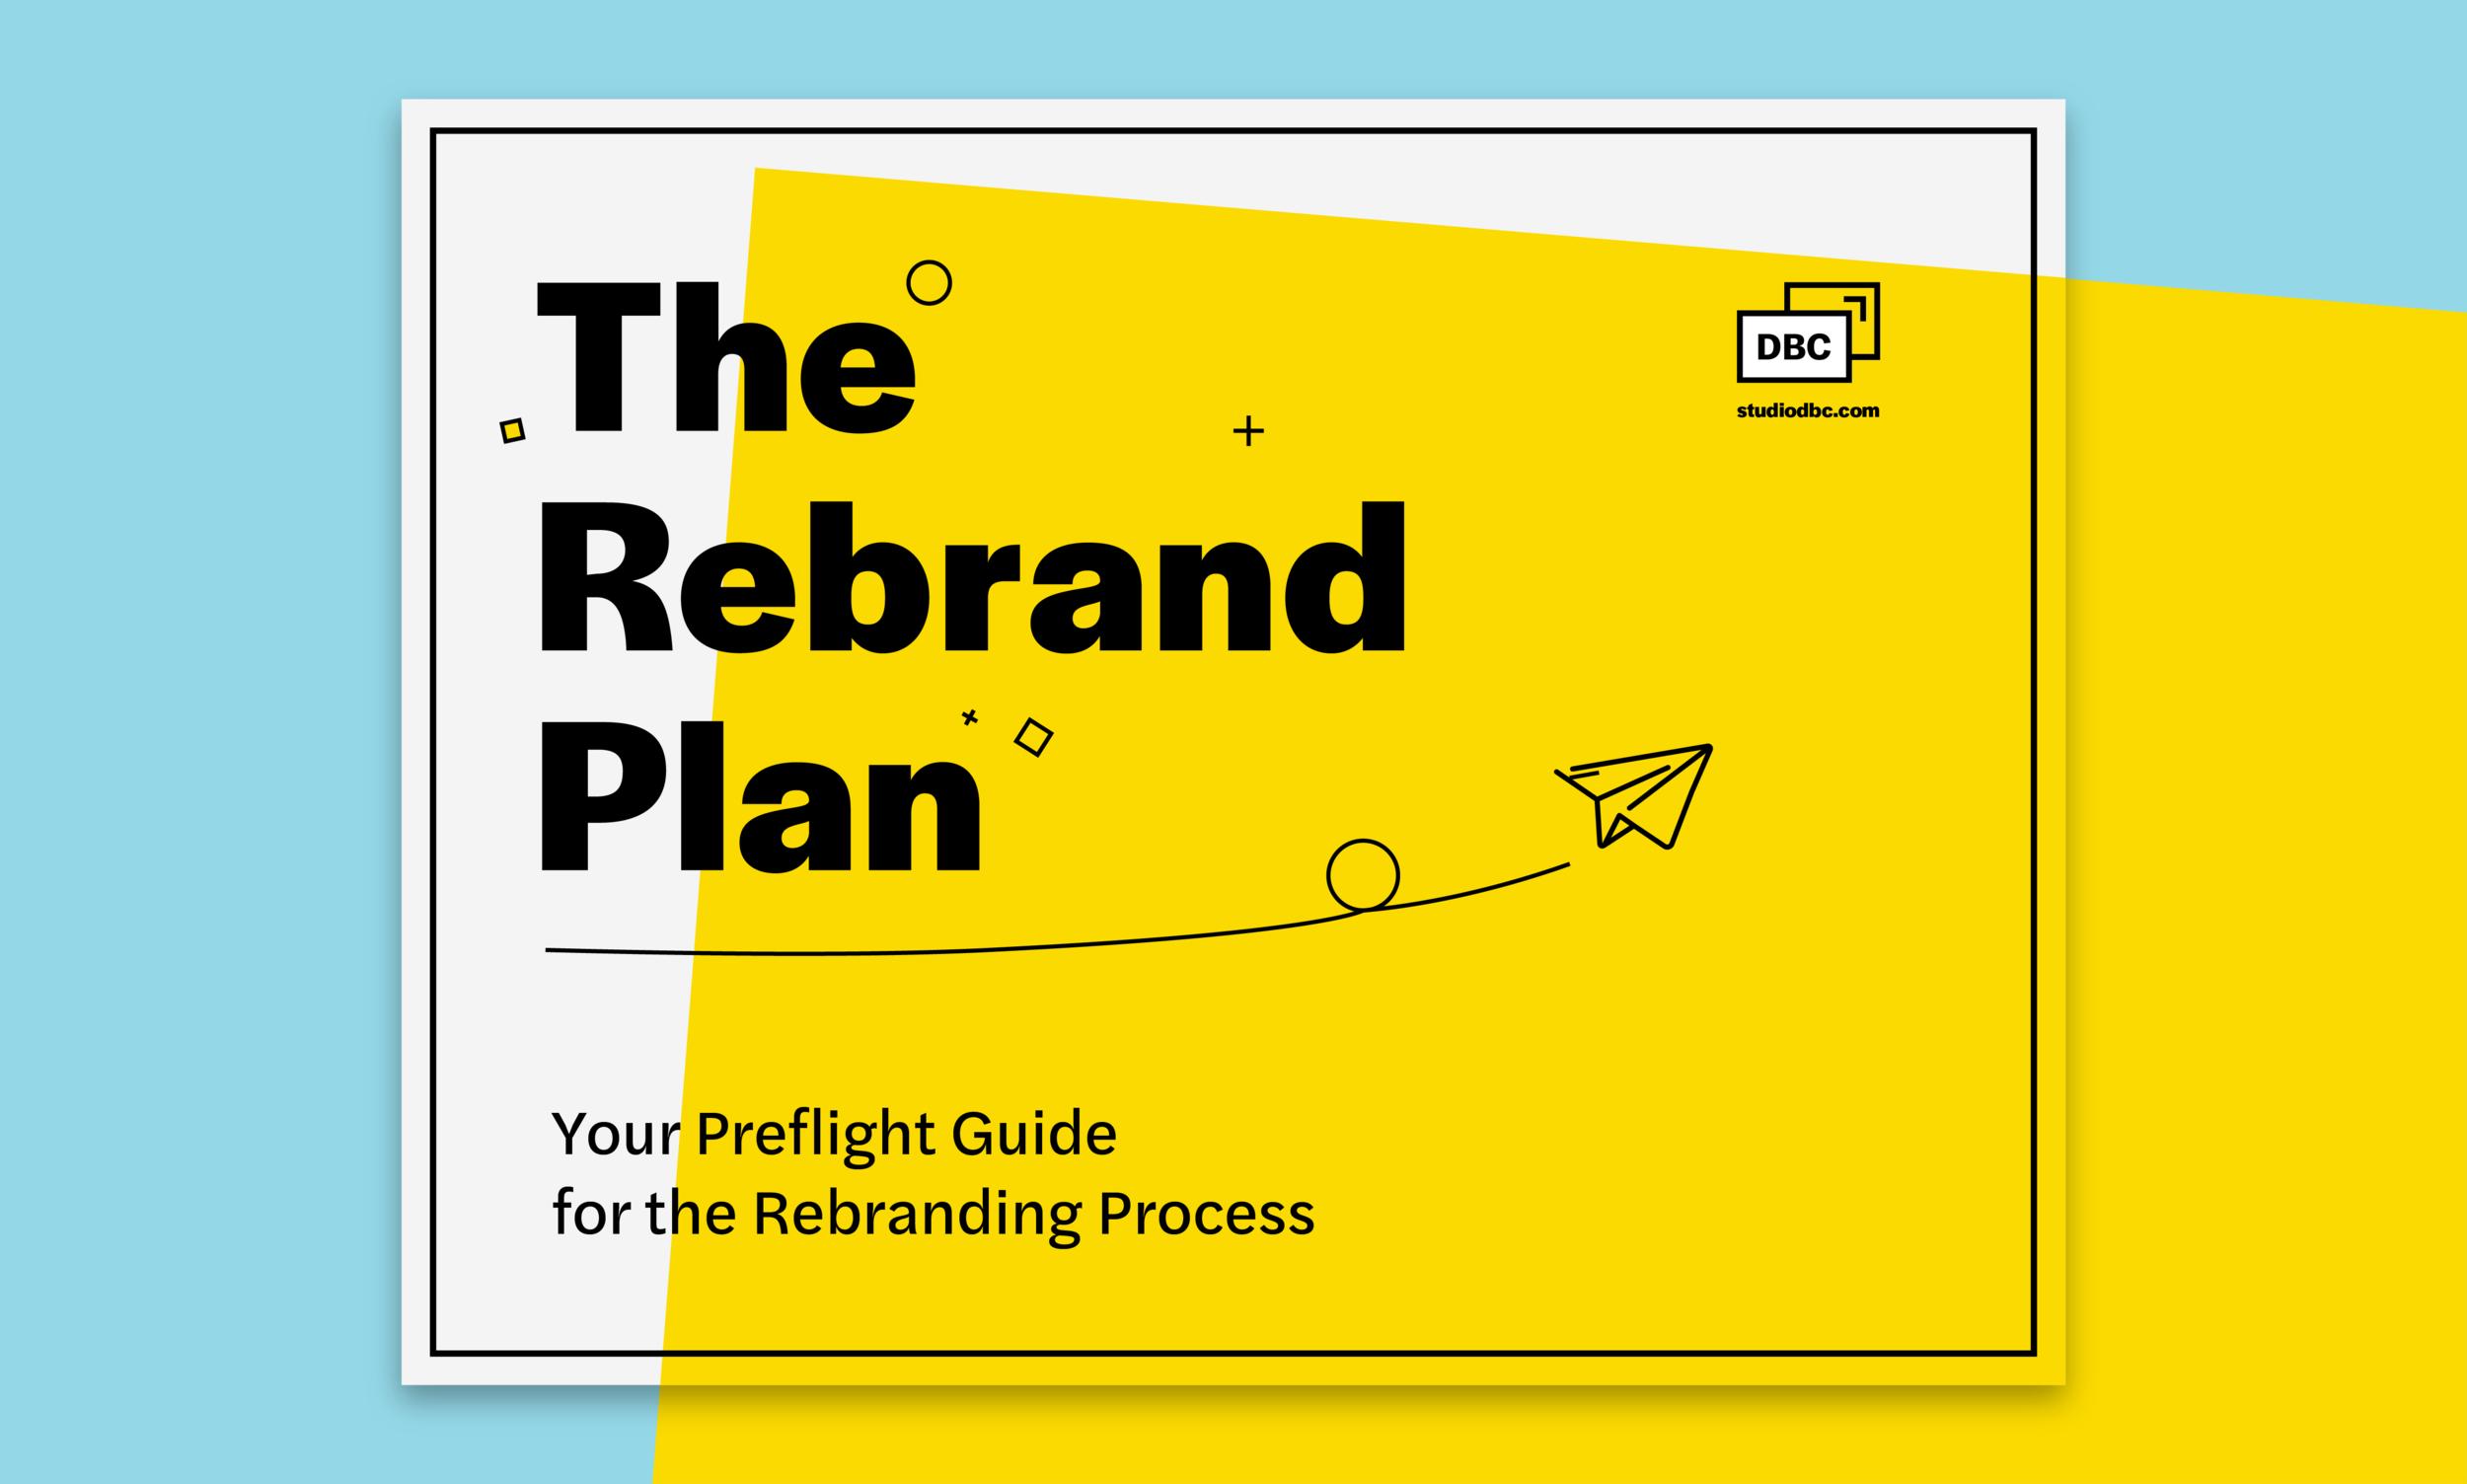 The Rebrand Plan